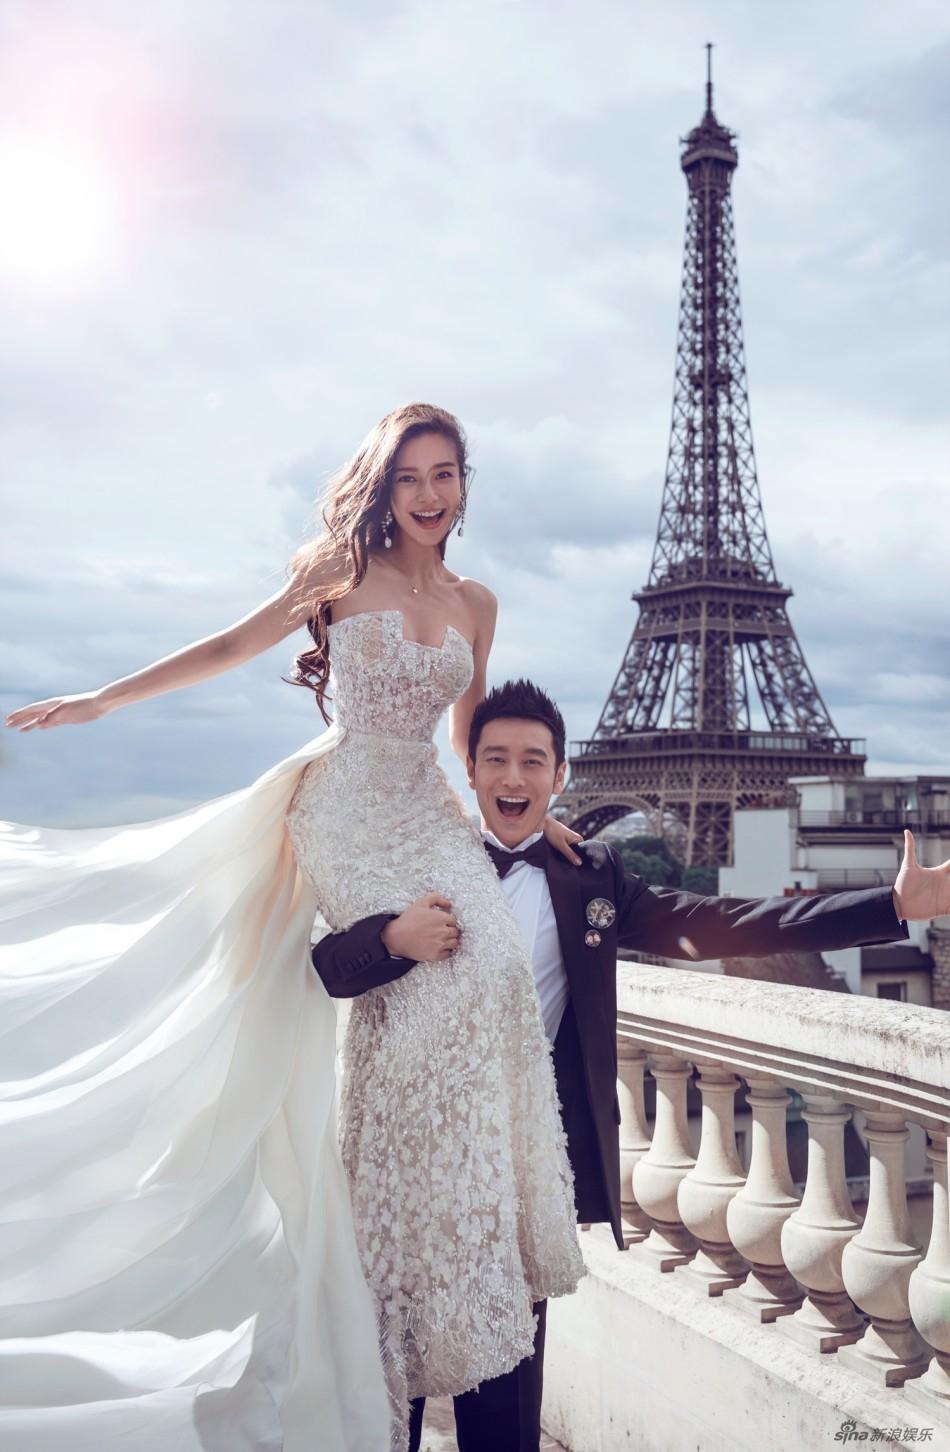 [消息]黄晓明baby婚纱照曝光艾菲尔铁塔下见证爱情